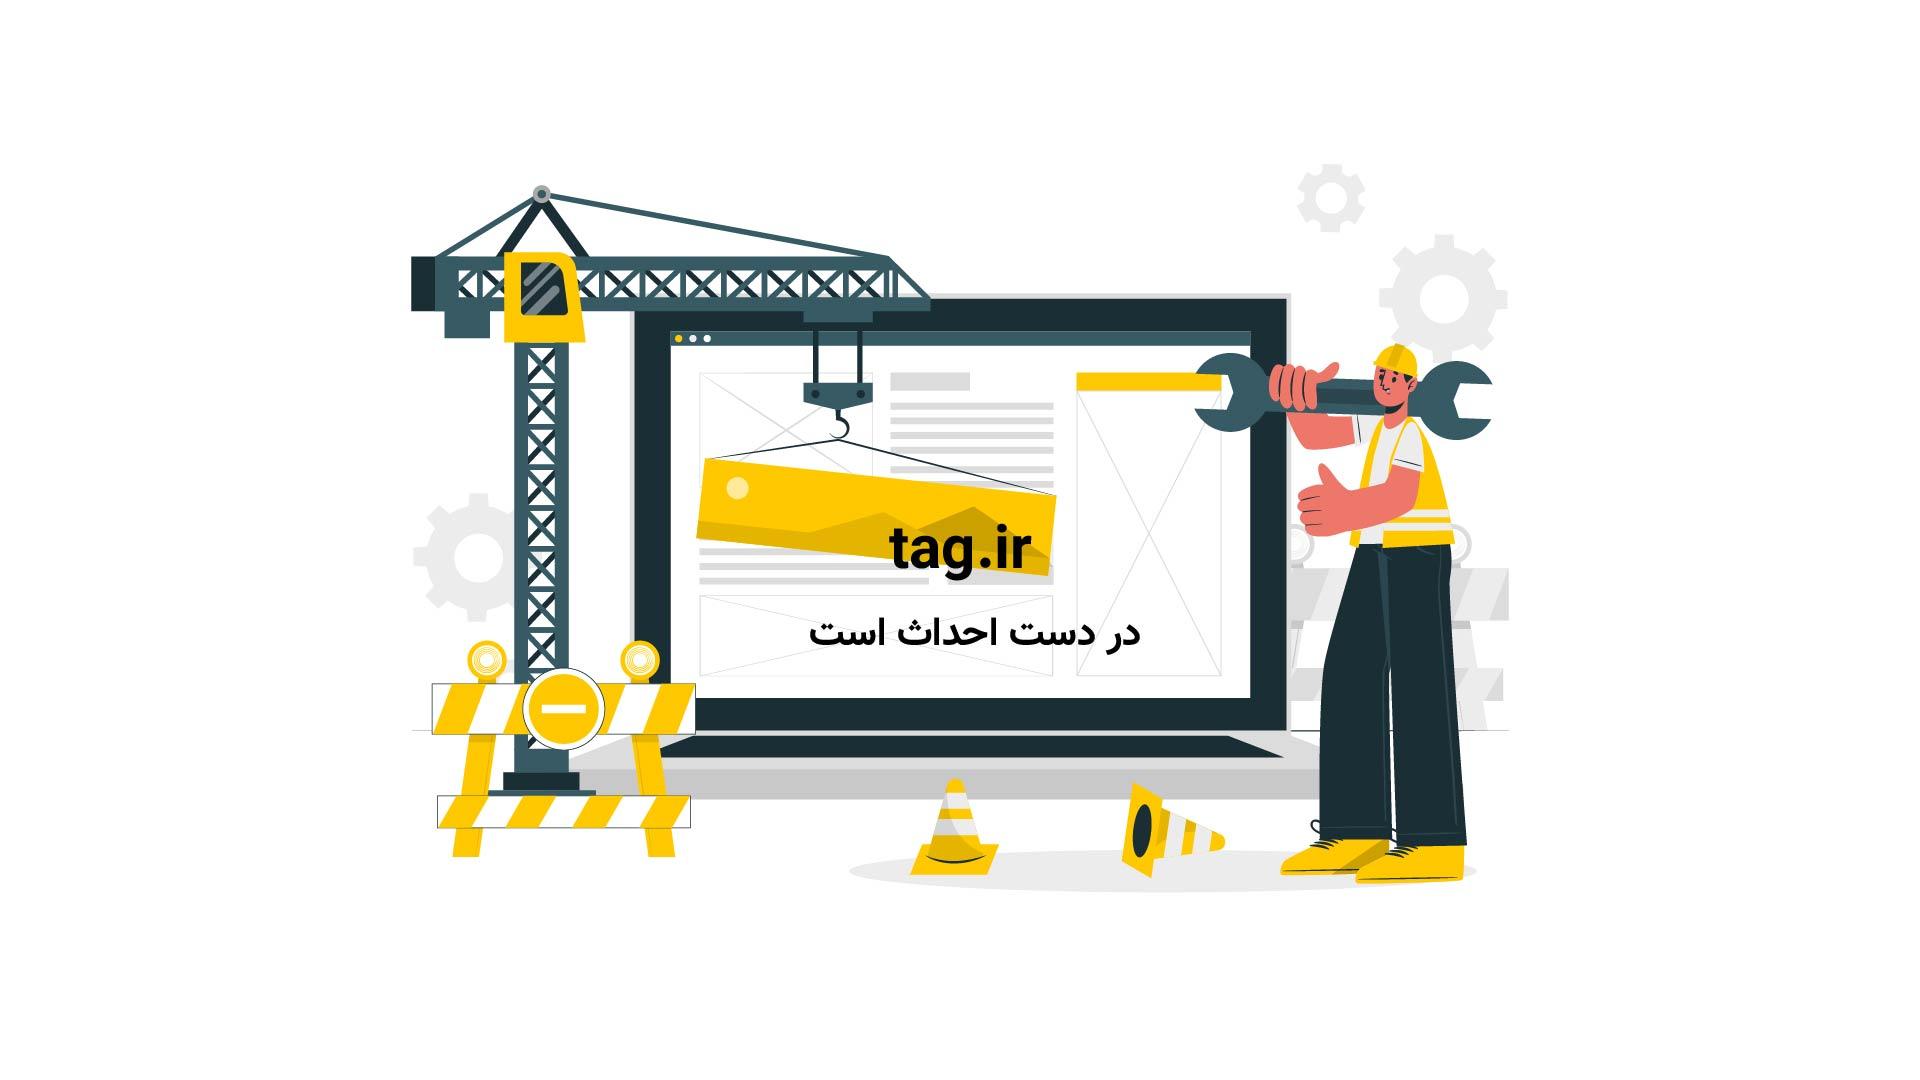 چگونگی نقاشی یک کلبه زیبا در اعماق جنگل